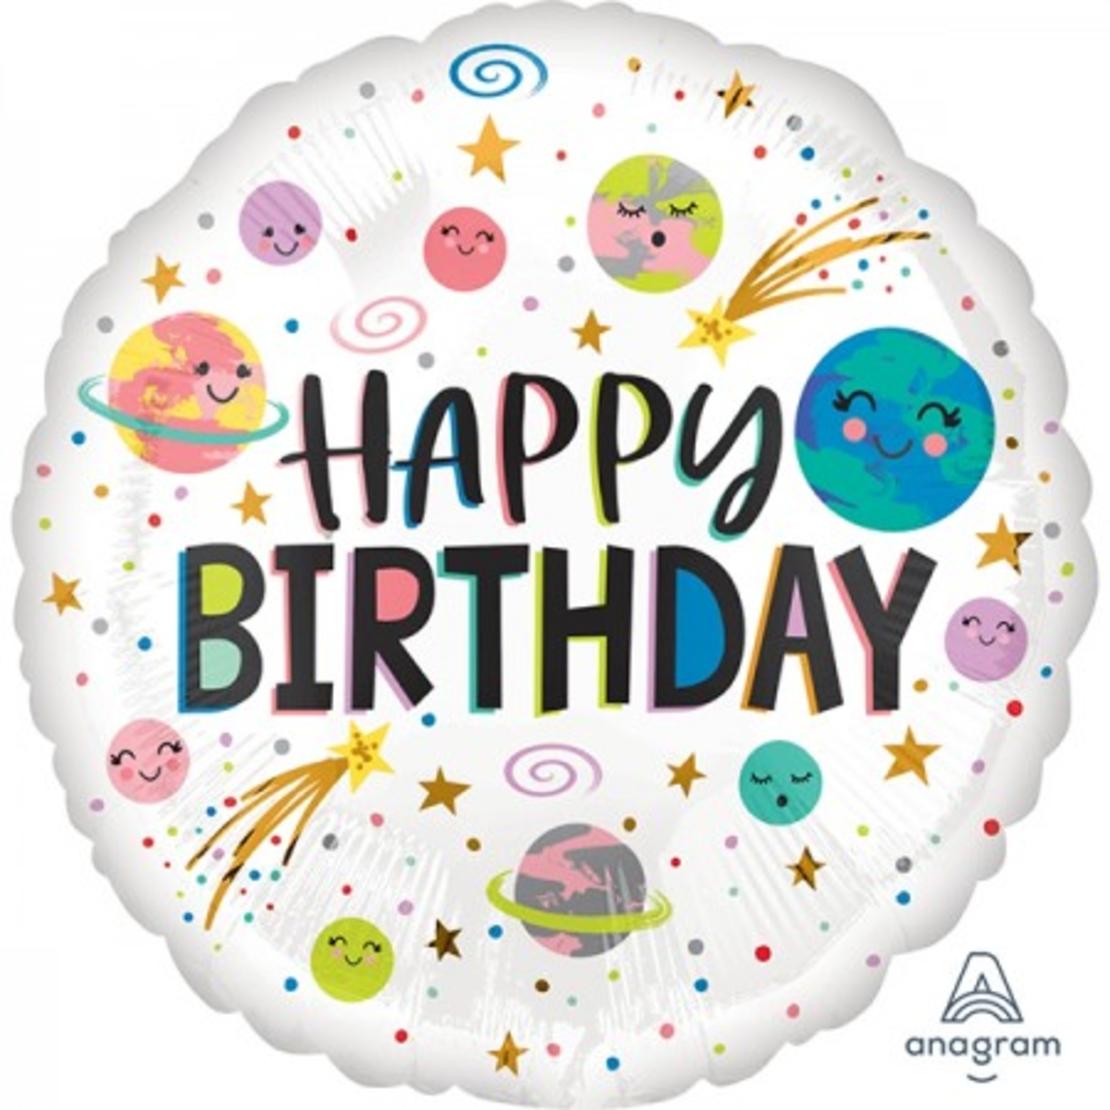 בלון לבן Happy birthday עם נקודות וכוכבים